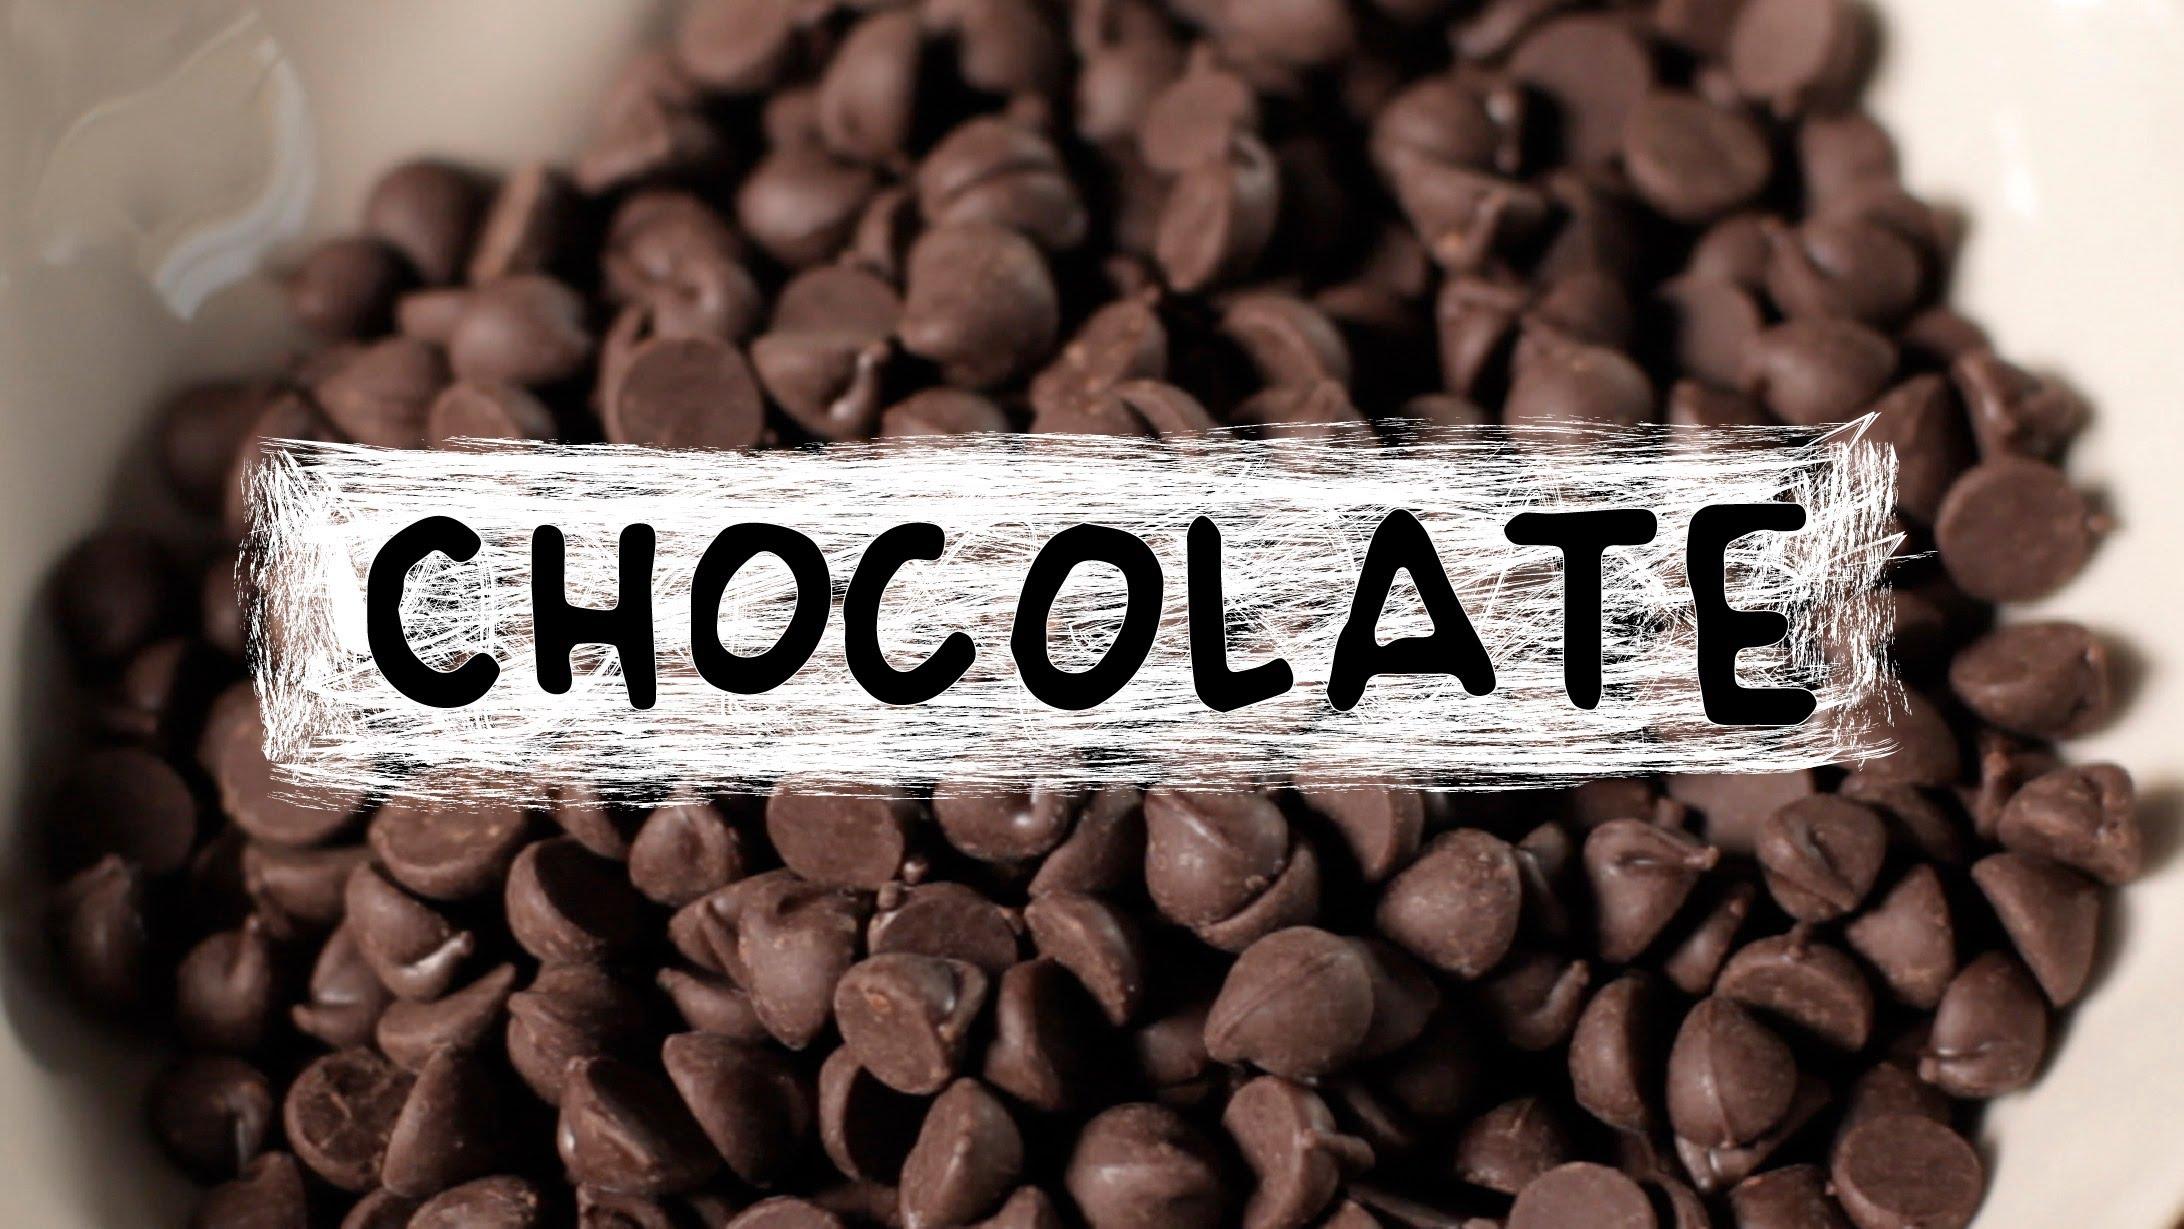 チョコレートと共にあれ 、ダークサイドは健康的